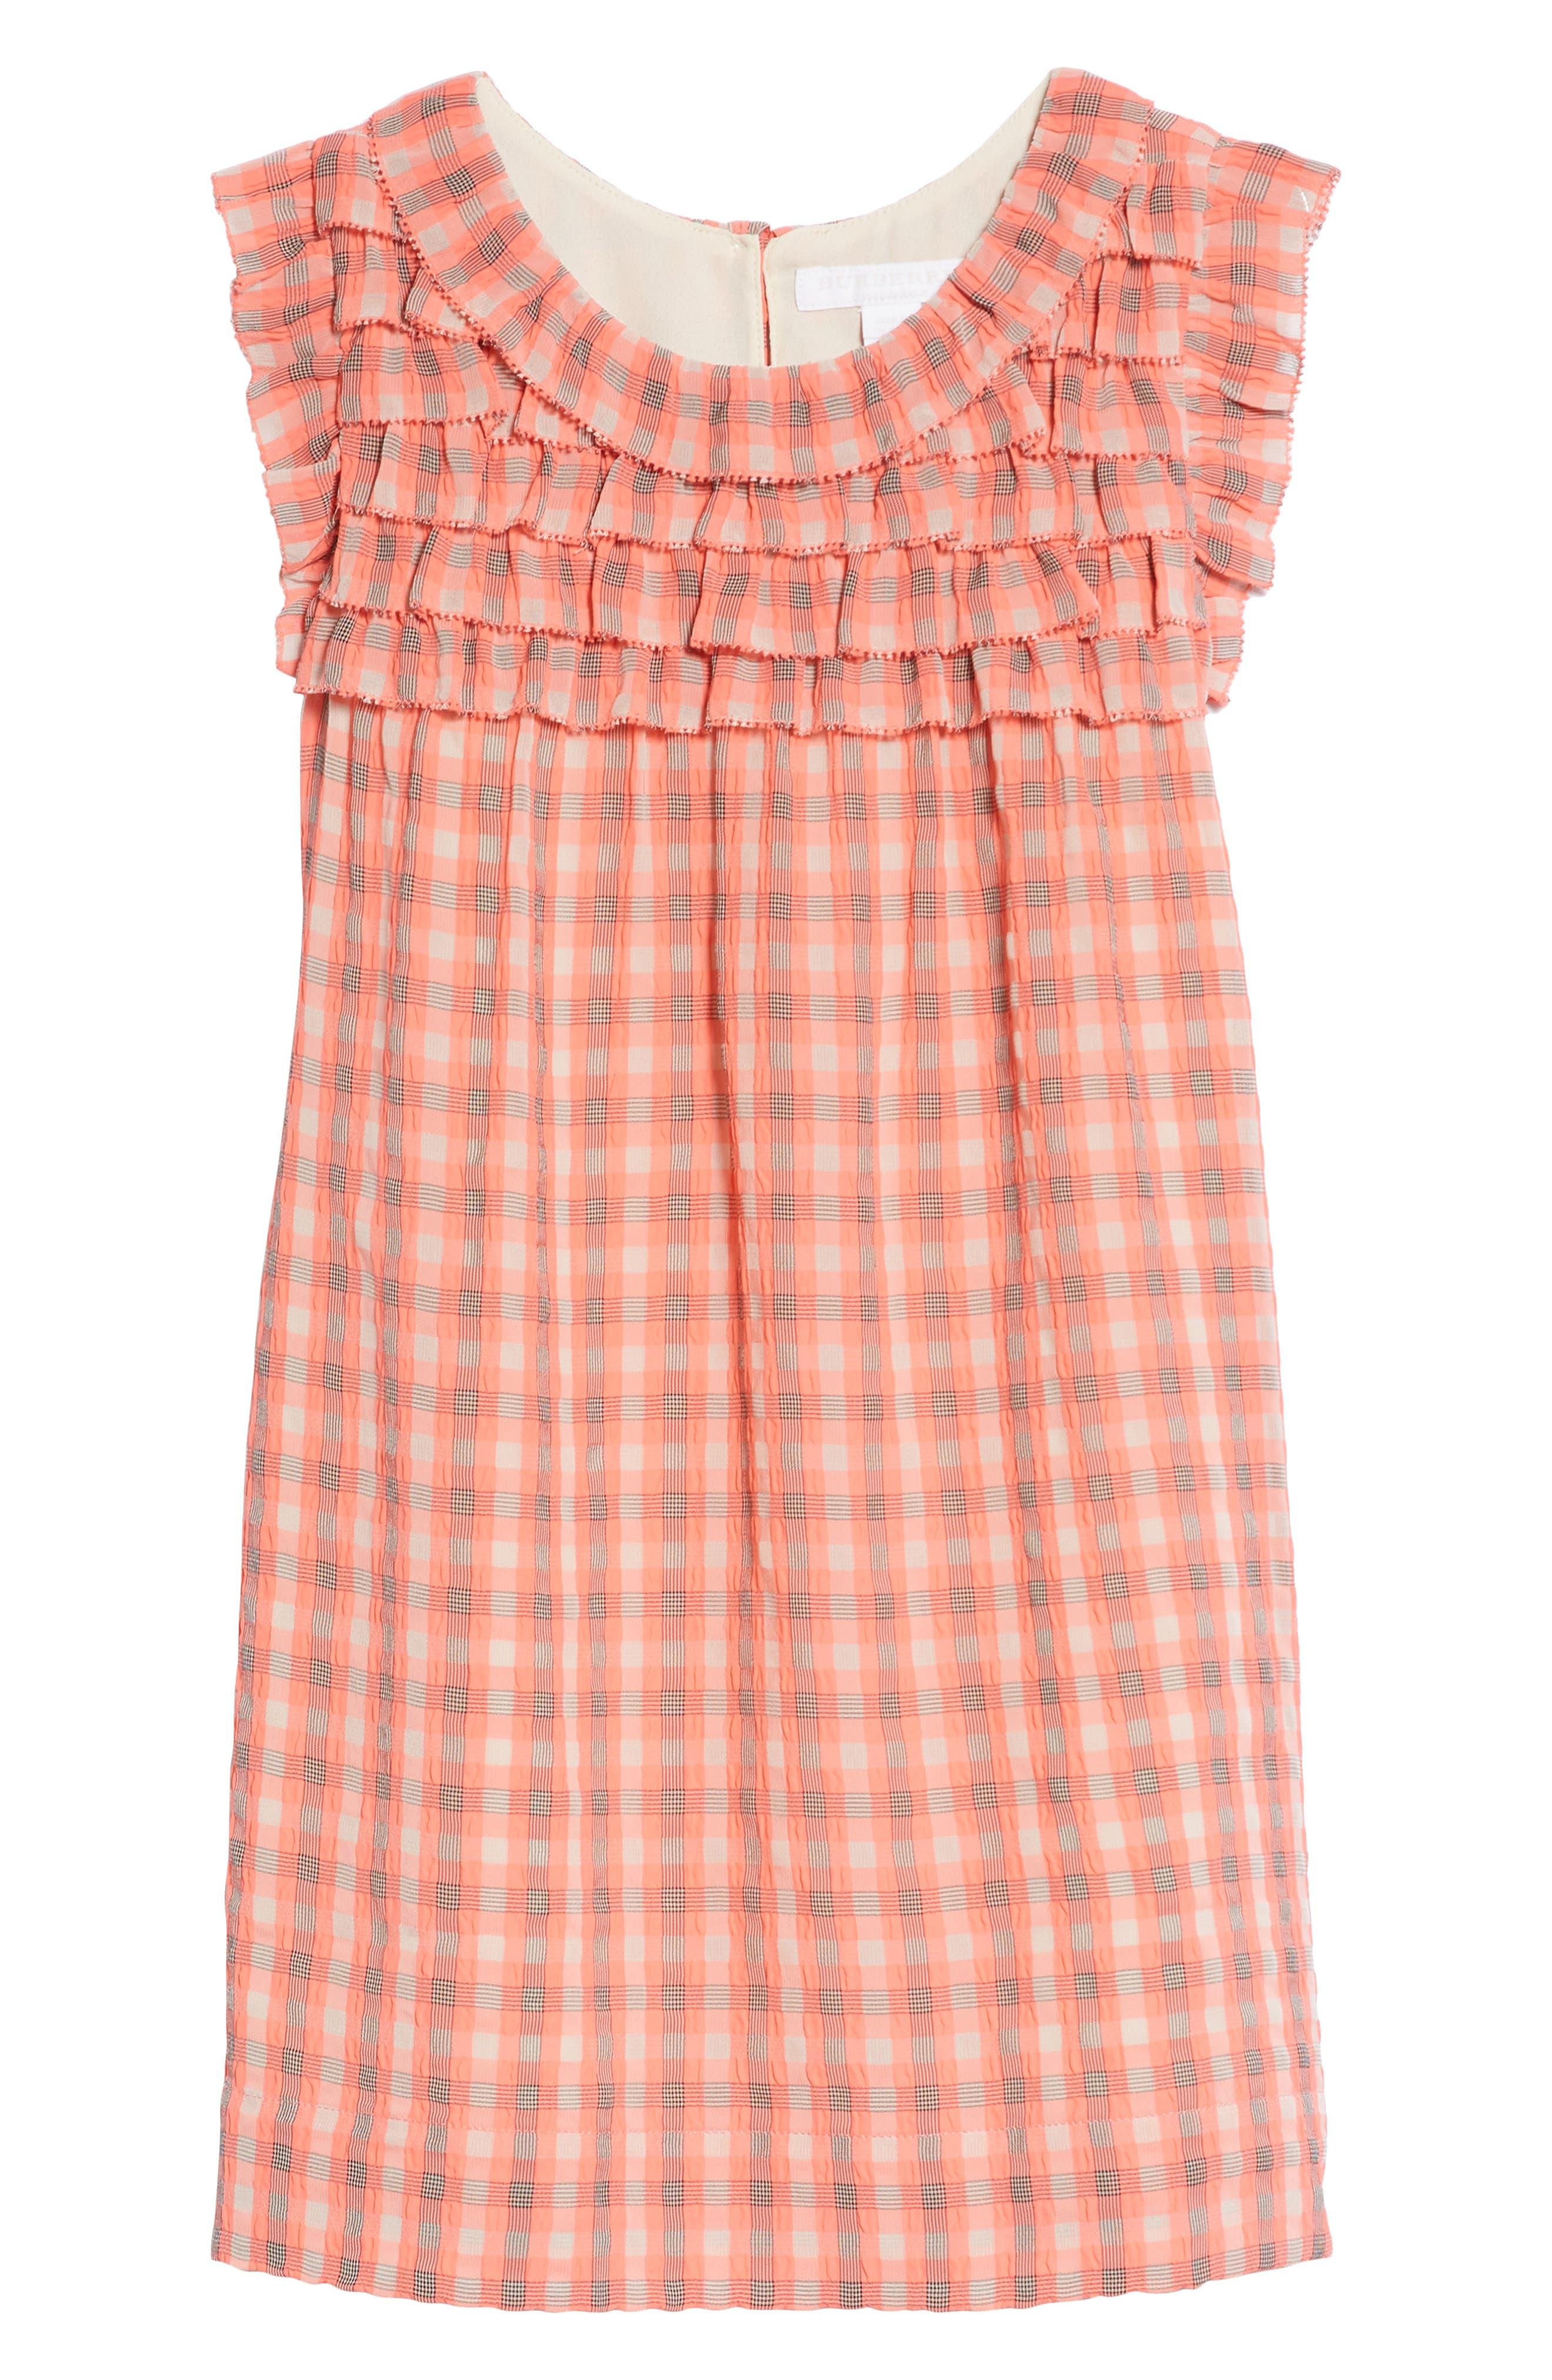 Magnoly Check Ruffle Dress,                             Main thumbnail 1, color,